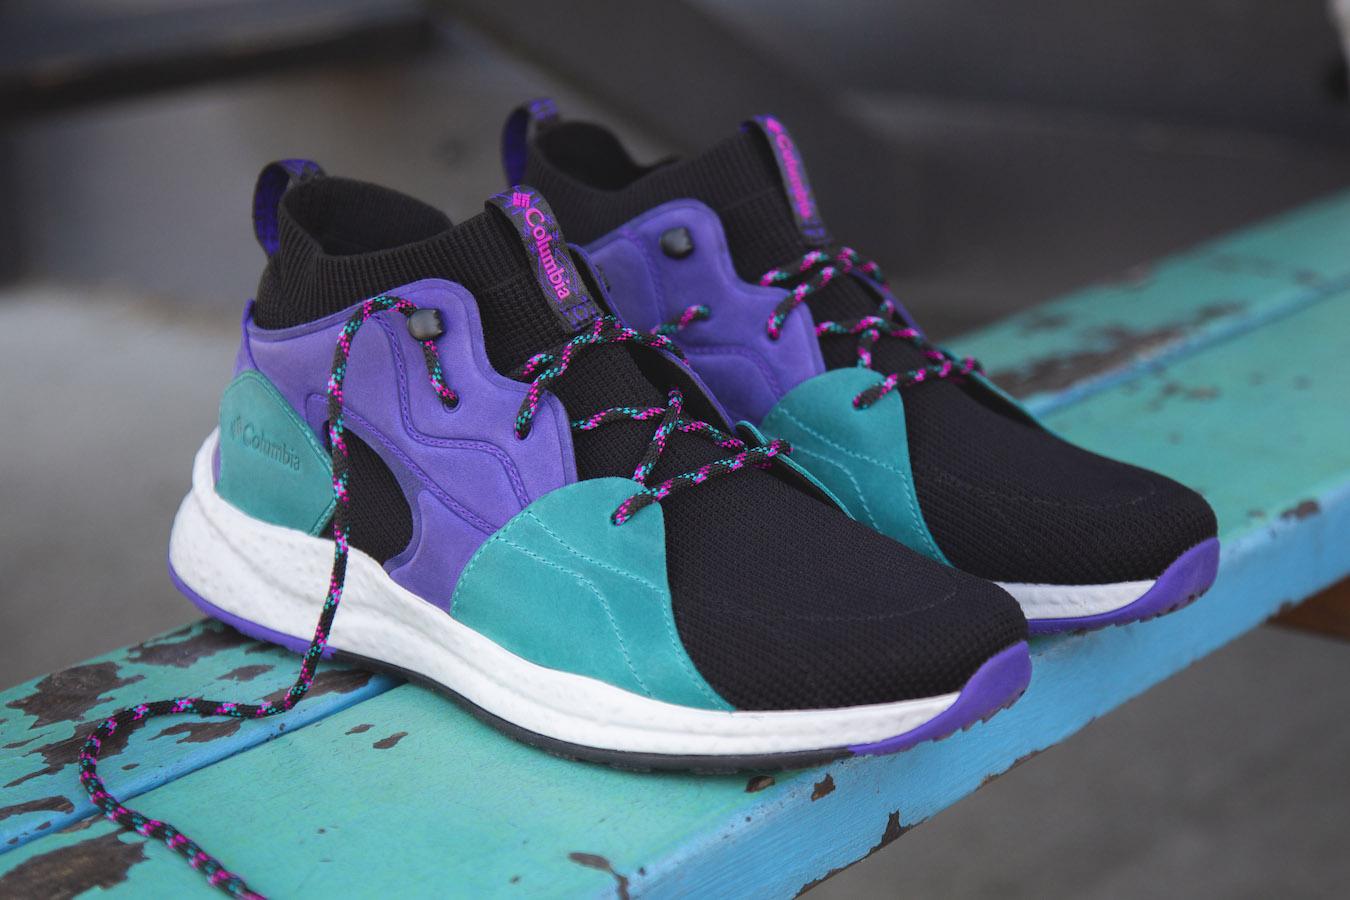 Columbia SHFT Wanderschuh in Sneaker Optik |